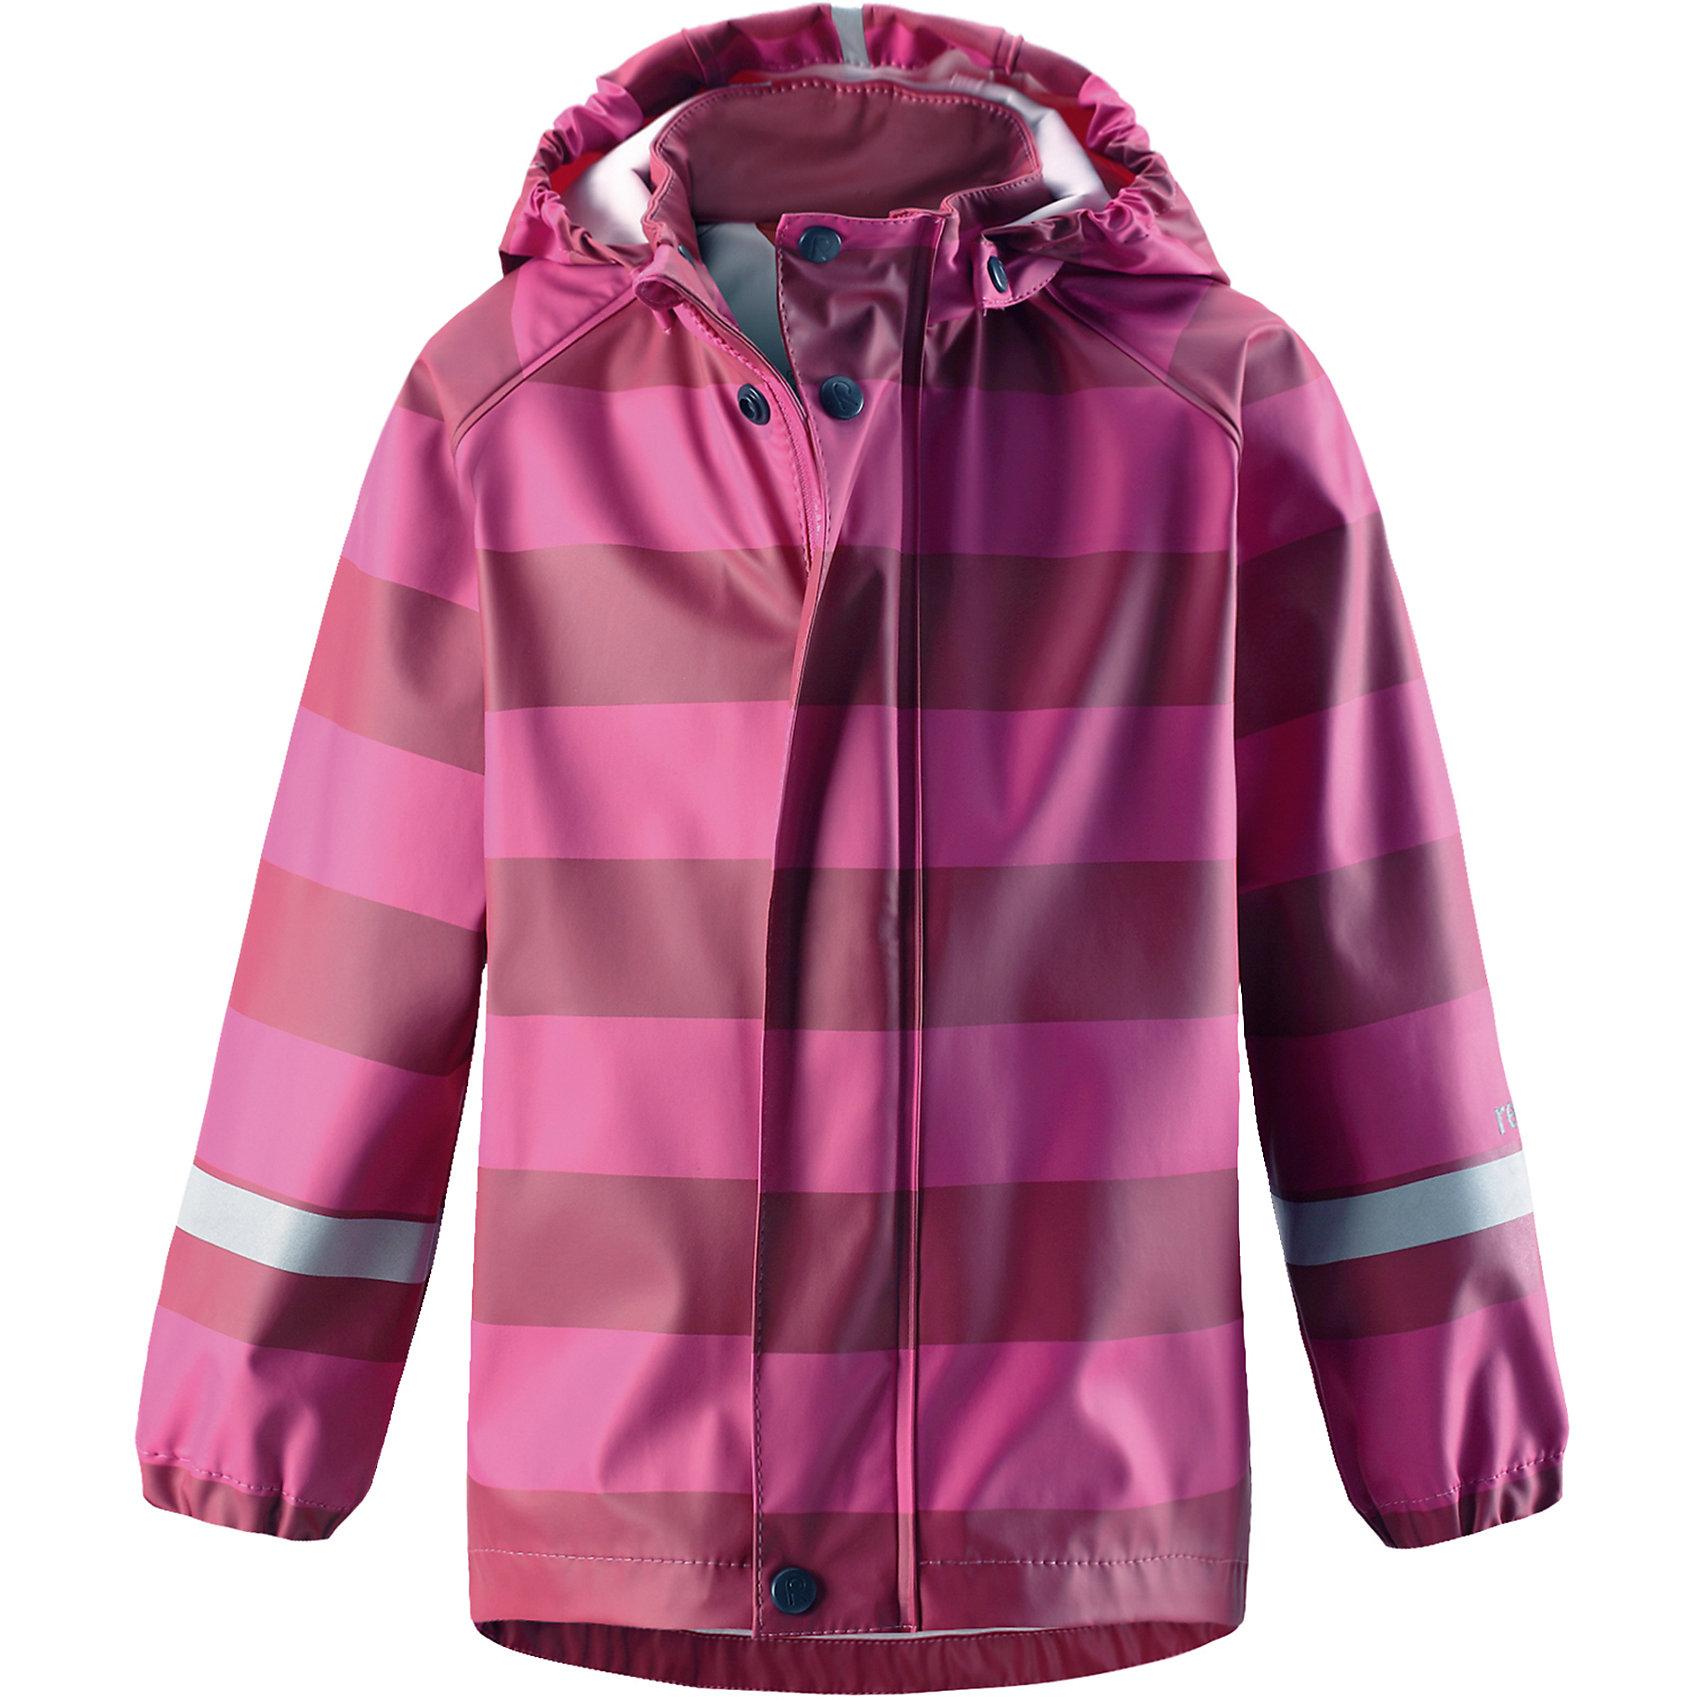 Плащ-дождевик Reima VesiОдежда<br>Детская куртка-дождевик изготовлена из удобного, эластичного материала, не содержащего ПВХ. Швы запаяны и абсолютно водонепроницаемы. Куртка-дождевик не деревенеет на морозе, поэтому ее можно носить круглый год – просто добавьте в холодную погоду теплый промежуточный слой. Съемный капюшон защитит даже от ливня, при этом он безопасен во время прогулок в дождливый день. Молния спереди во всю длину и множество светоотражающих деталей. Сочетайте куртку с брюками для дождя Reima® и вы заметите – в дождь играть еще веселее!<br>Состав:<br>100% Полиэстер<br><br>Ширина мм: 356<br>Глубина мм: 10<br>Высота мм: 245<br>Вес г: 519<br>Цвет: розовый<br>Возраст от месяцев: 108<br>Возраст до месяцев: 120<br>Пол: Унисекс<br>Возраст: Детский<br>Размер: 140,86,92,98,104,110,116,122,128,134<br>SKU: 6901479